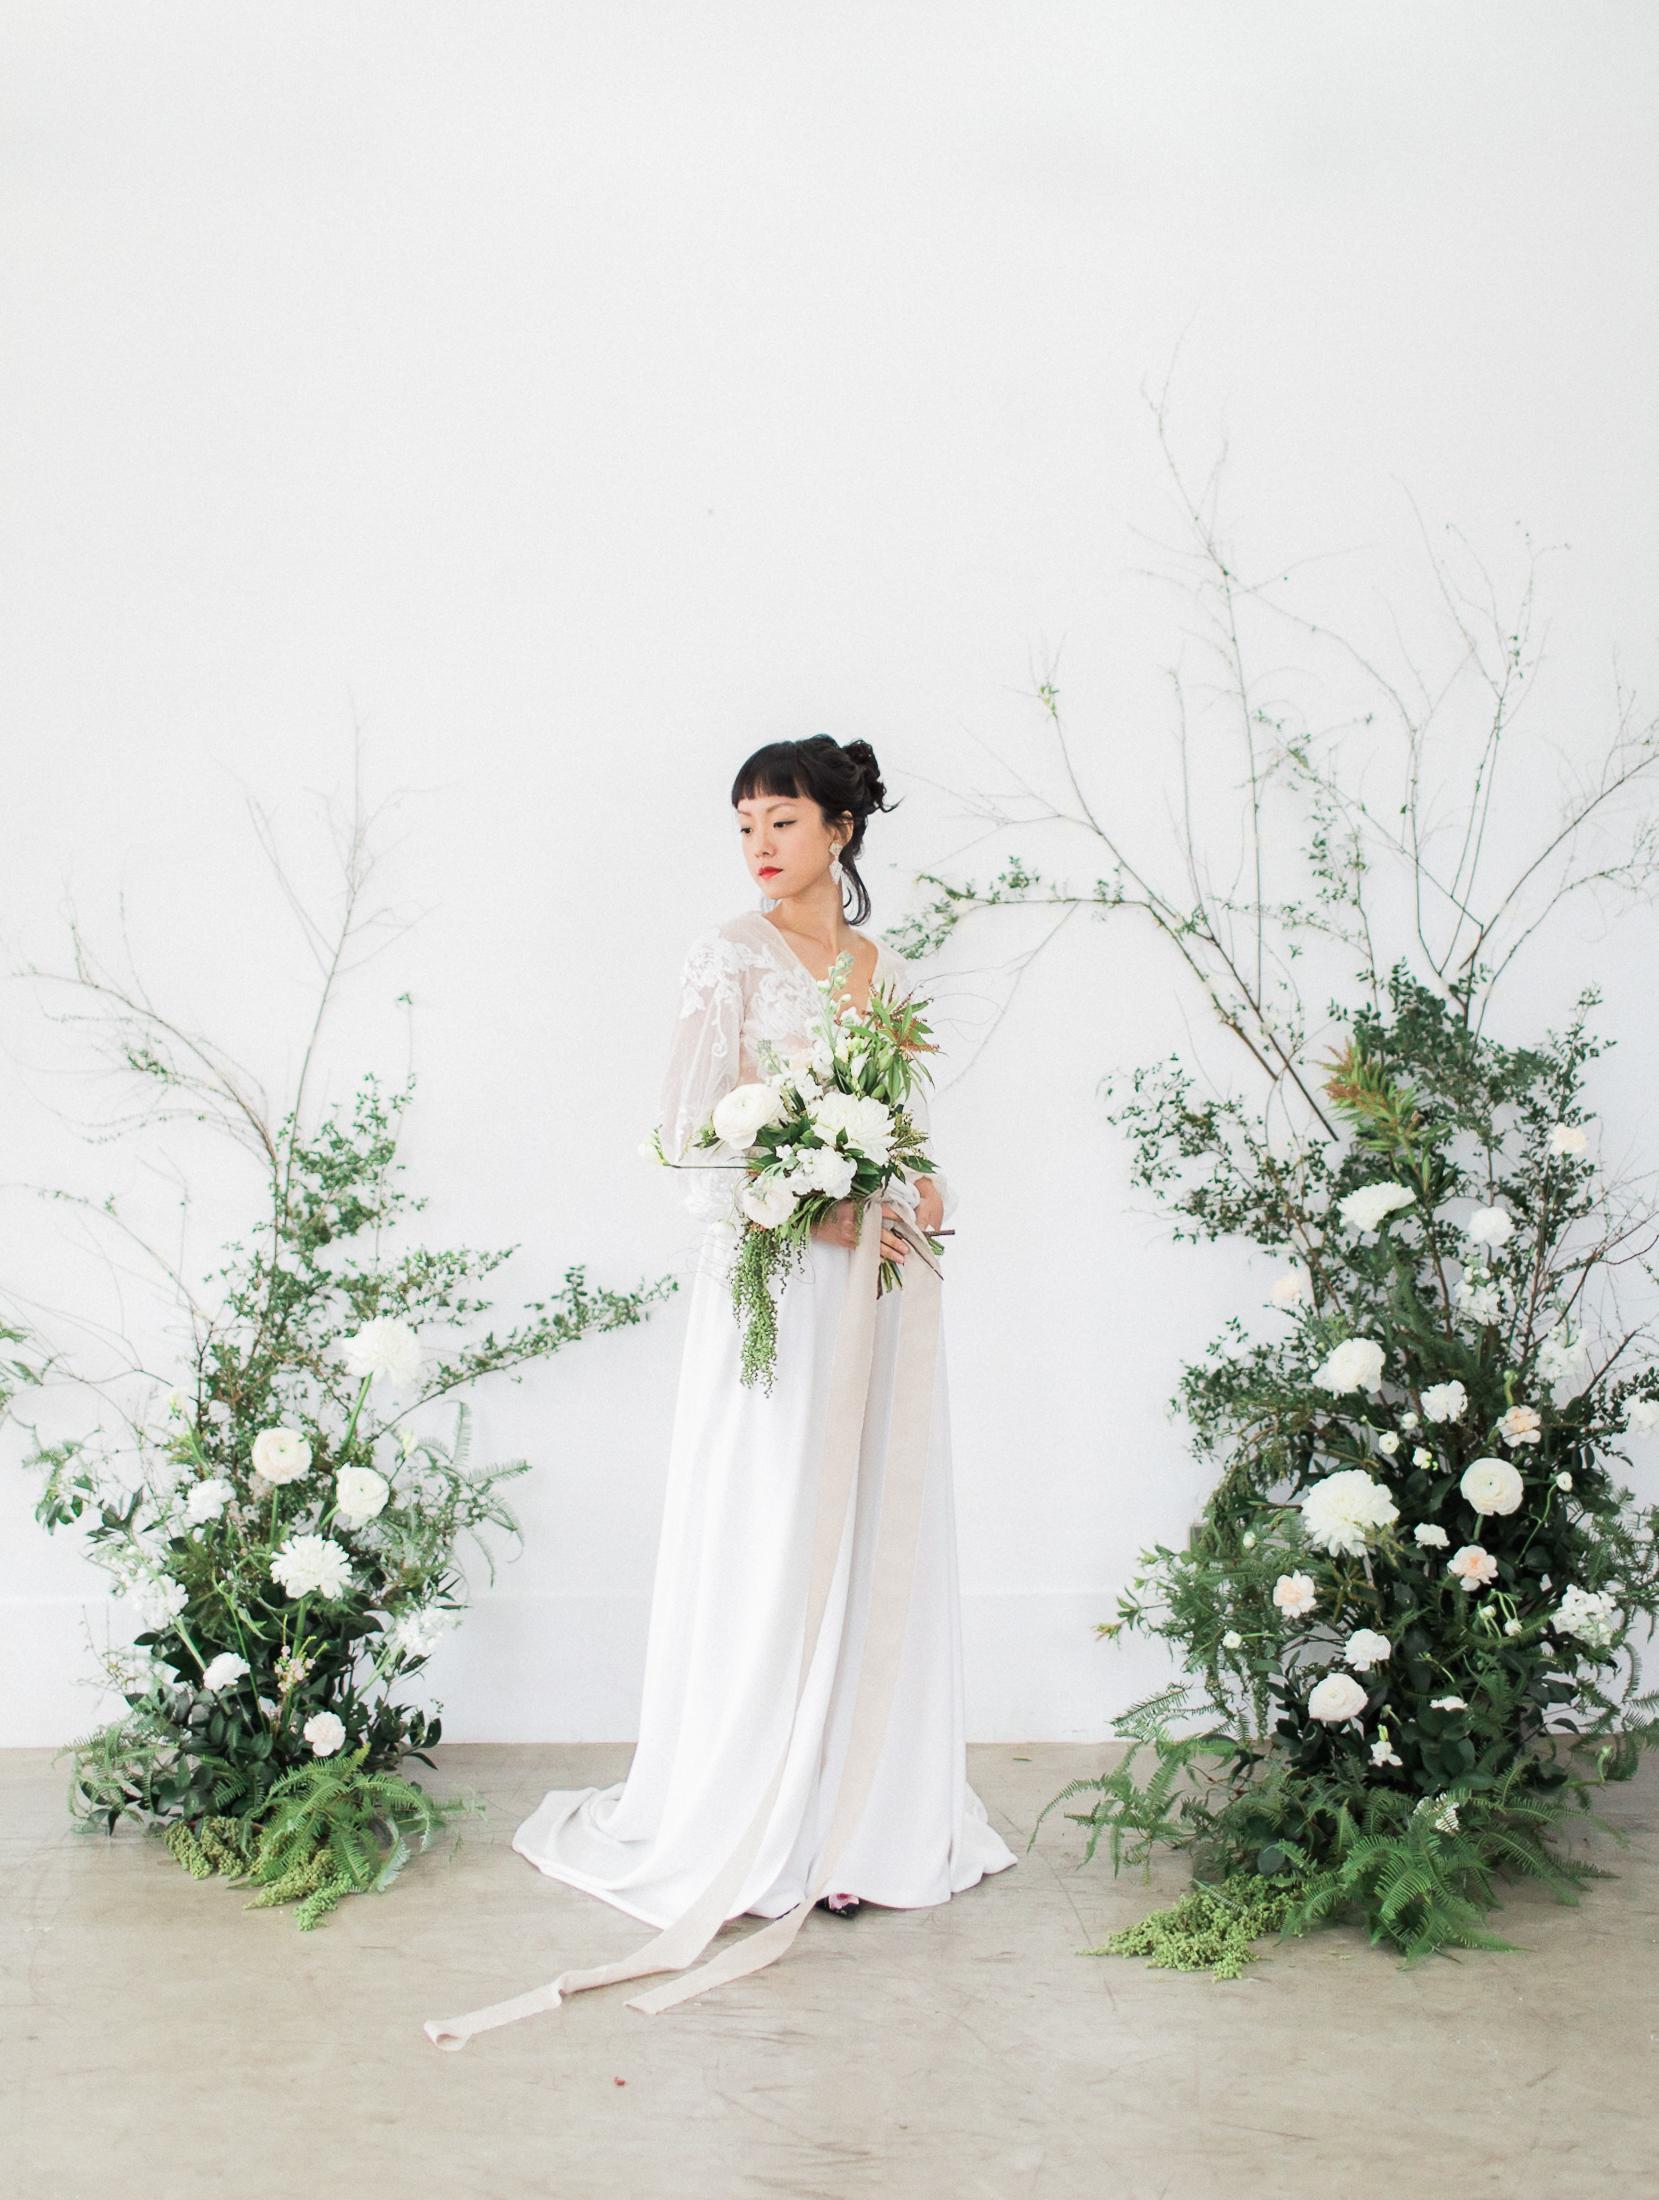 Chinese Wedding | Black & White Wedding | Allen Fu | Olea & Fig Studio | Fine Art Wedding Blog | Canadian Wedding Blog | Joy Wed | Stacey Foley Design | Calgary Wedding Planner